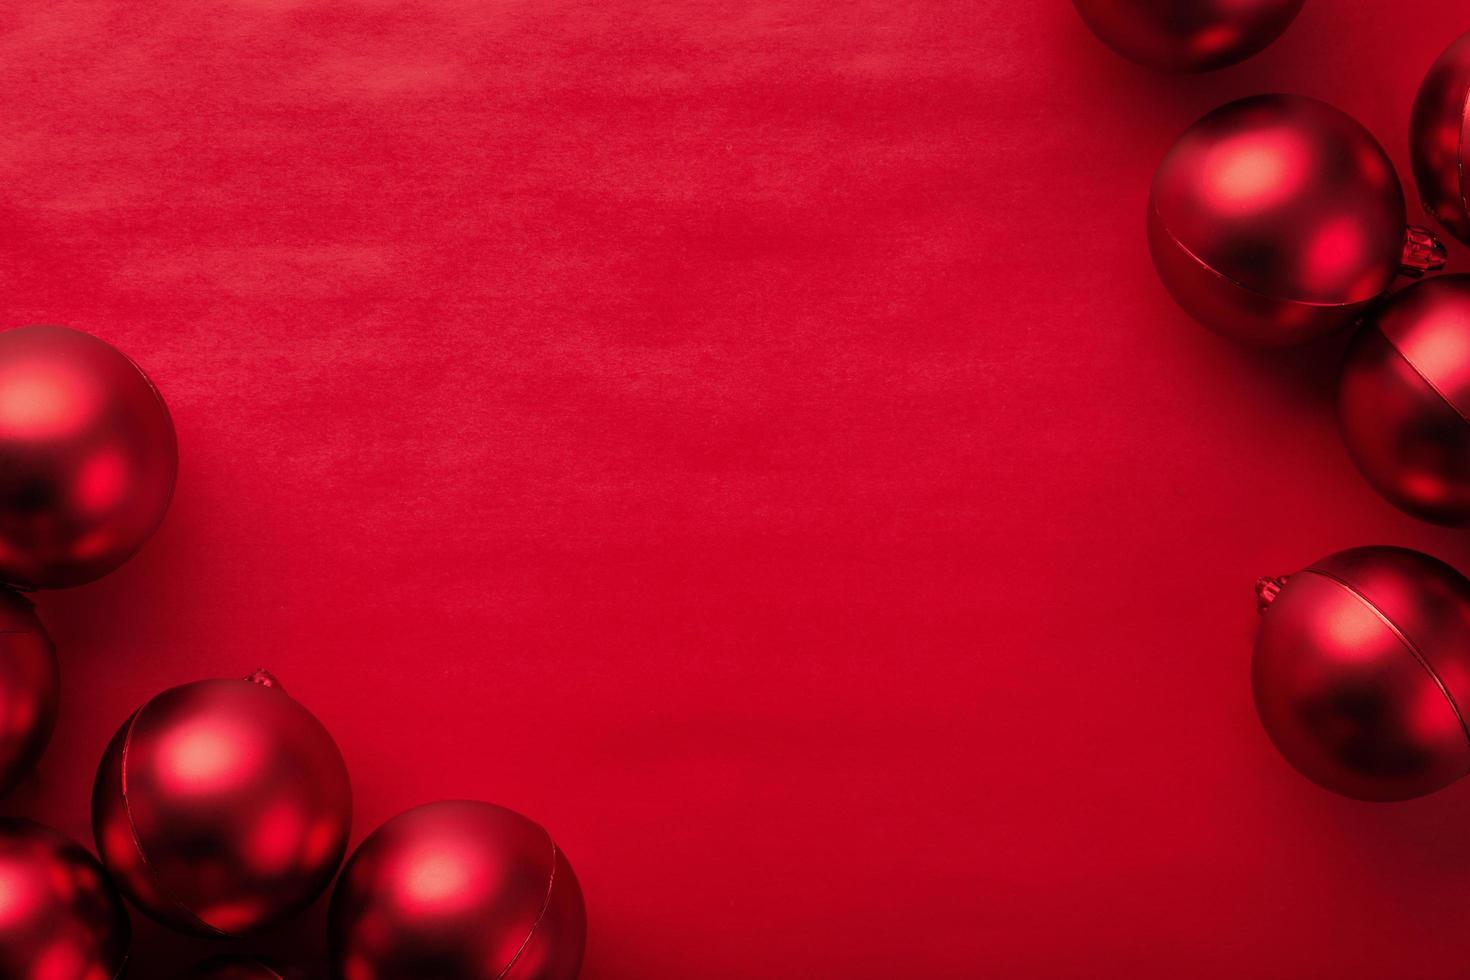 bolas vermelhas em fundo vermelho foto